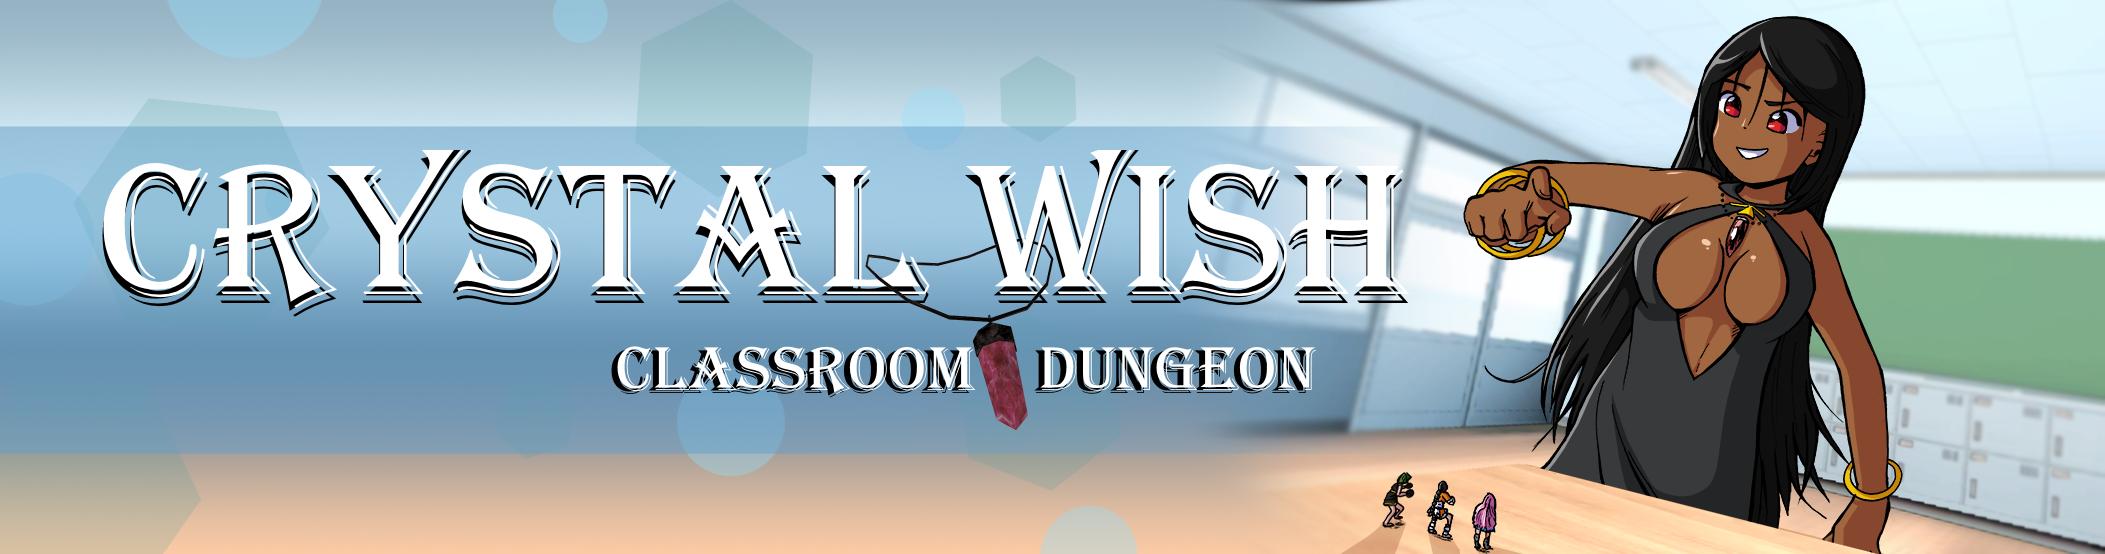 Crystal Wish - Classroom Dungeon